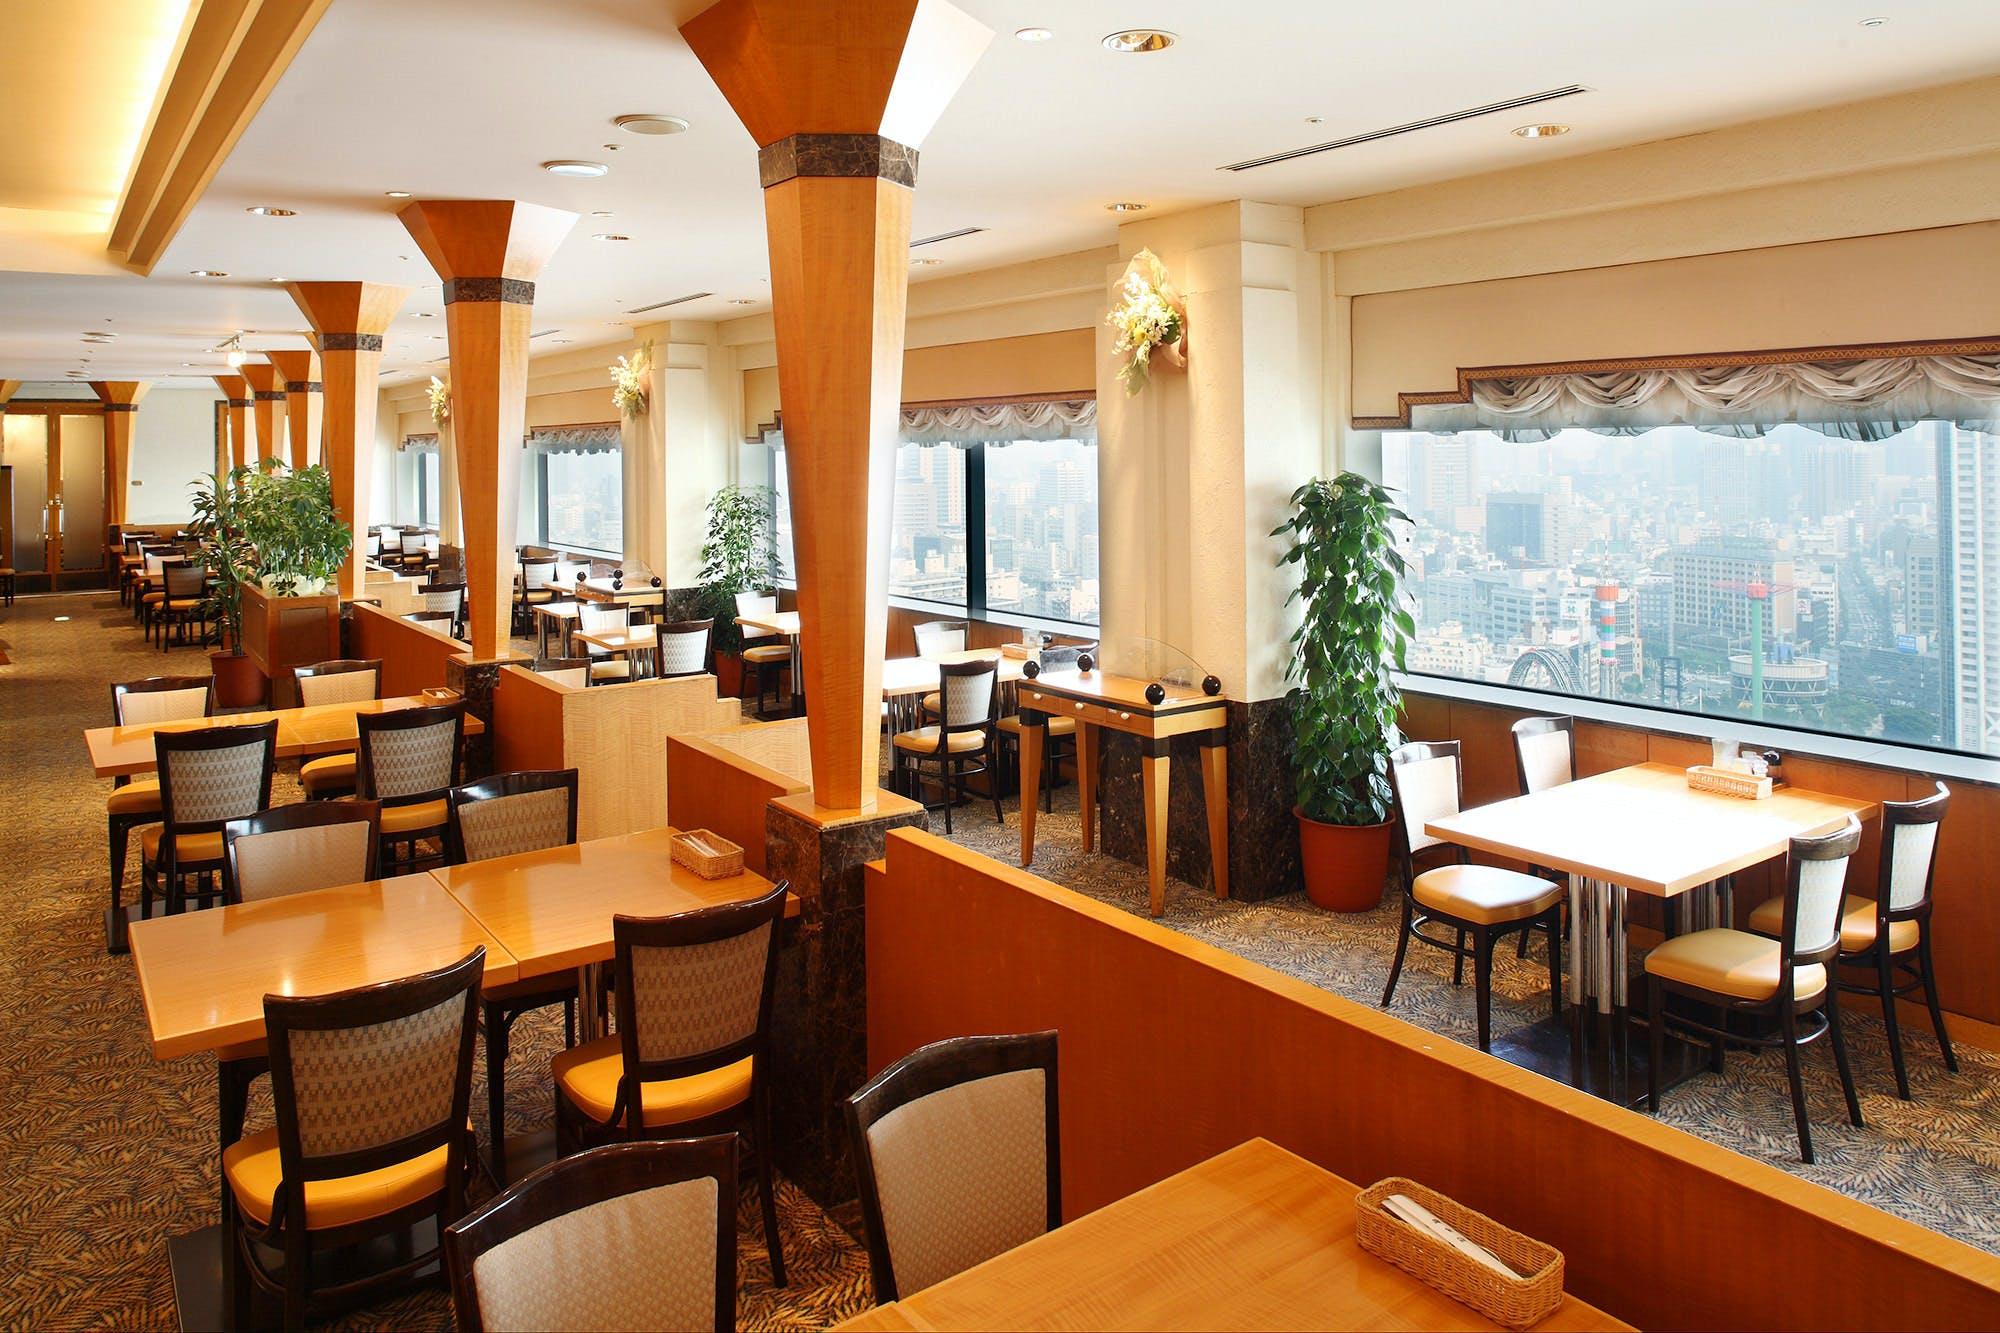 シビック スカイレストラン椿山荘